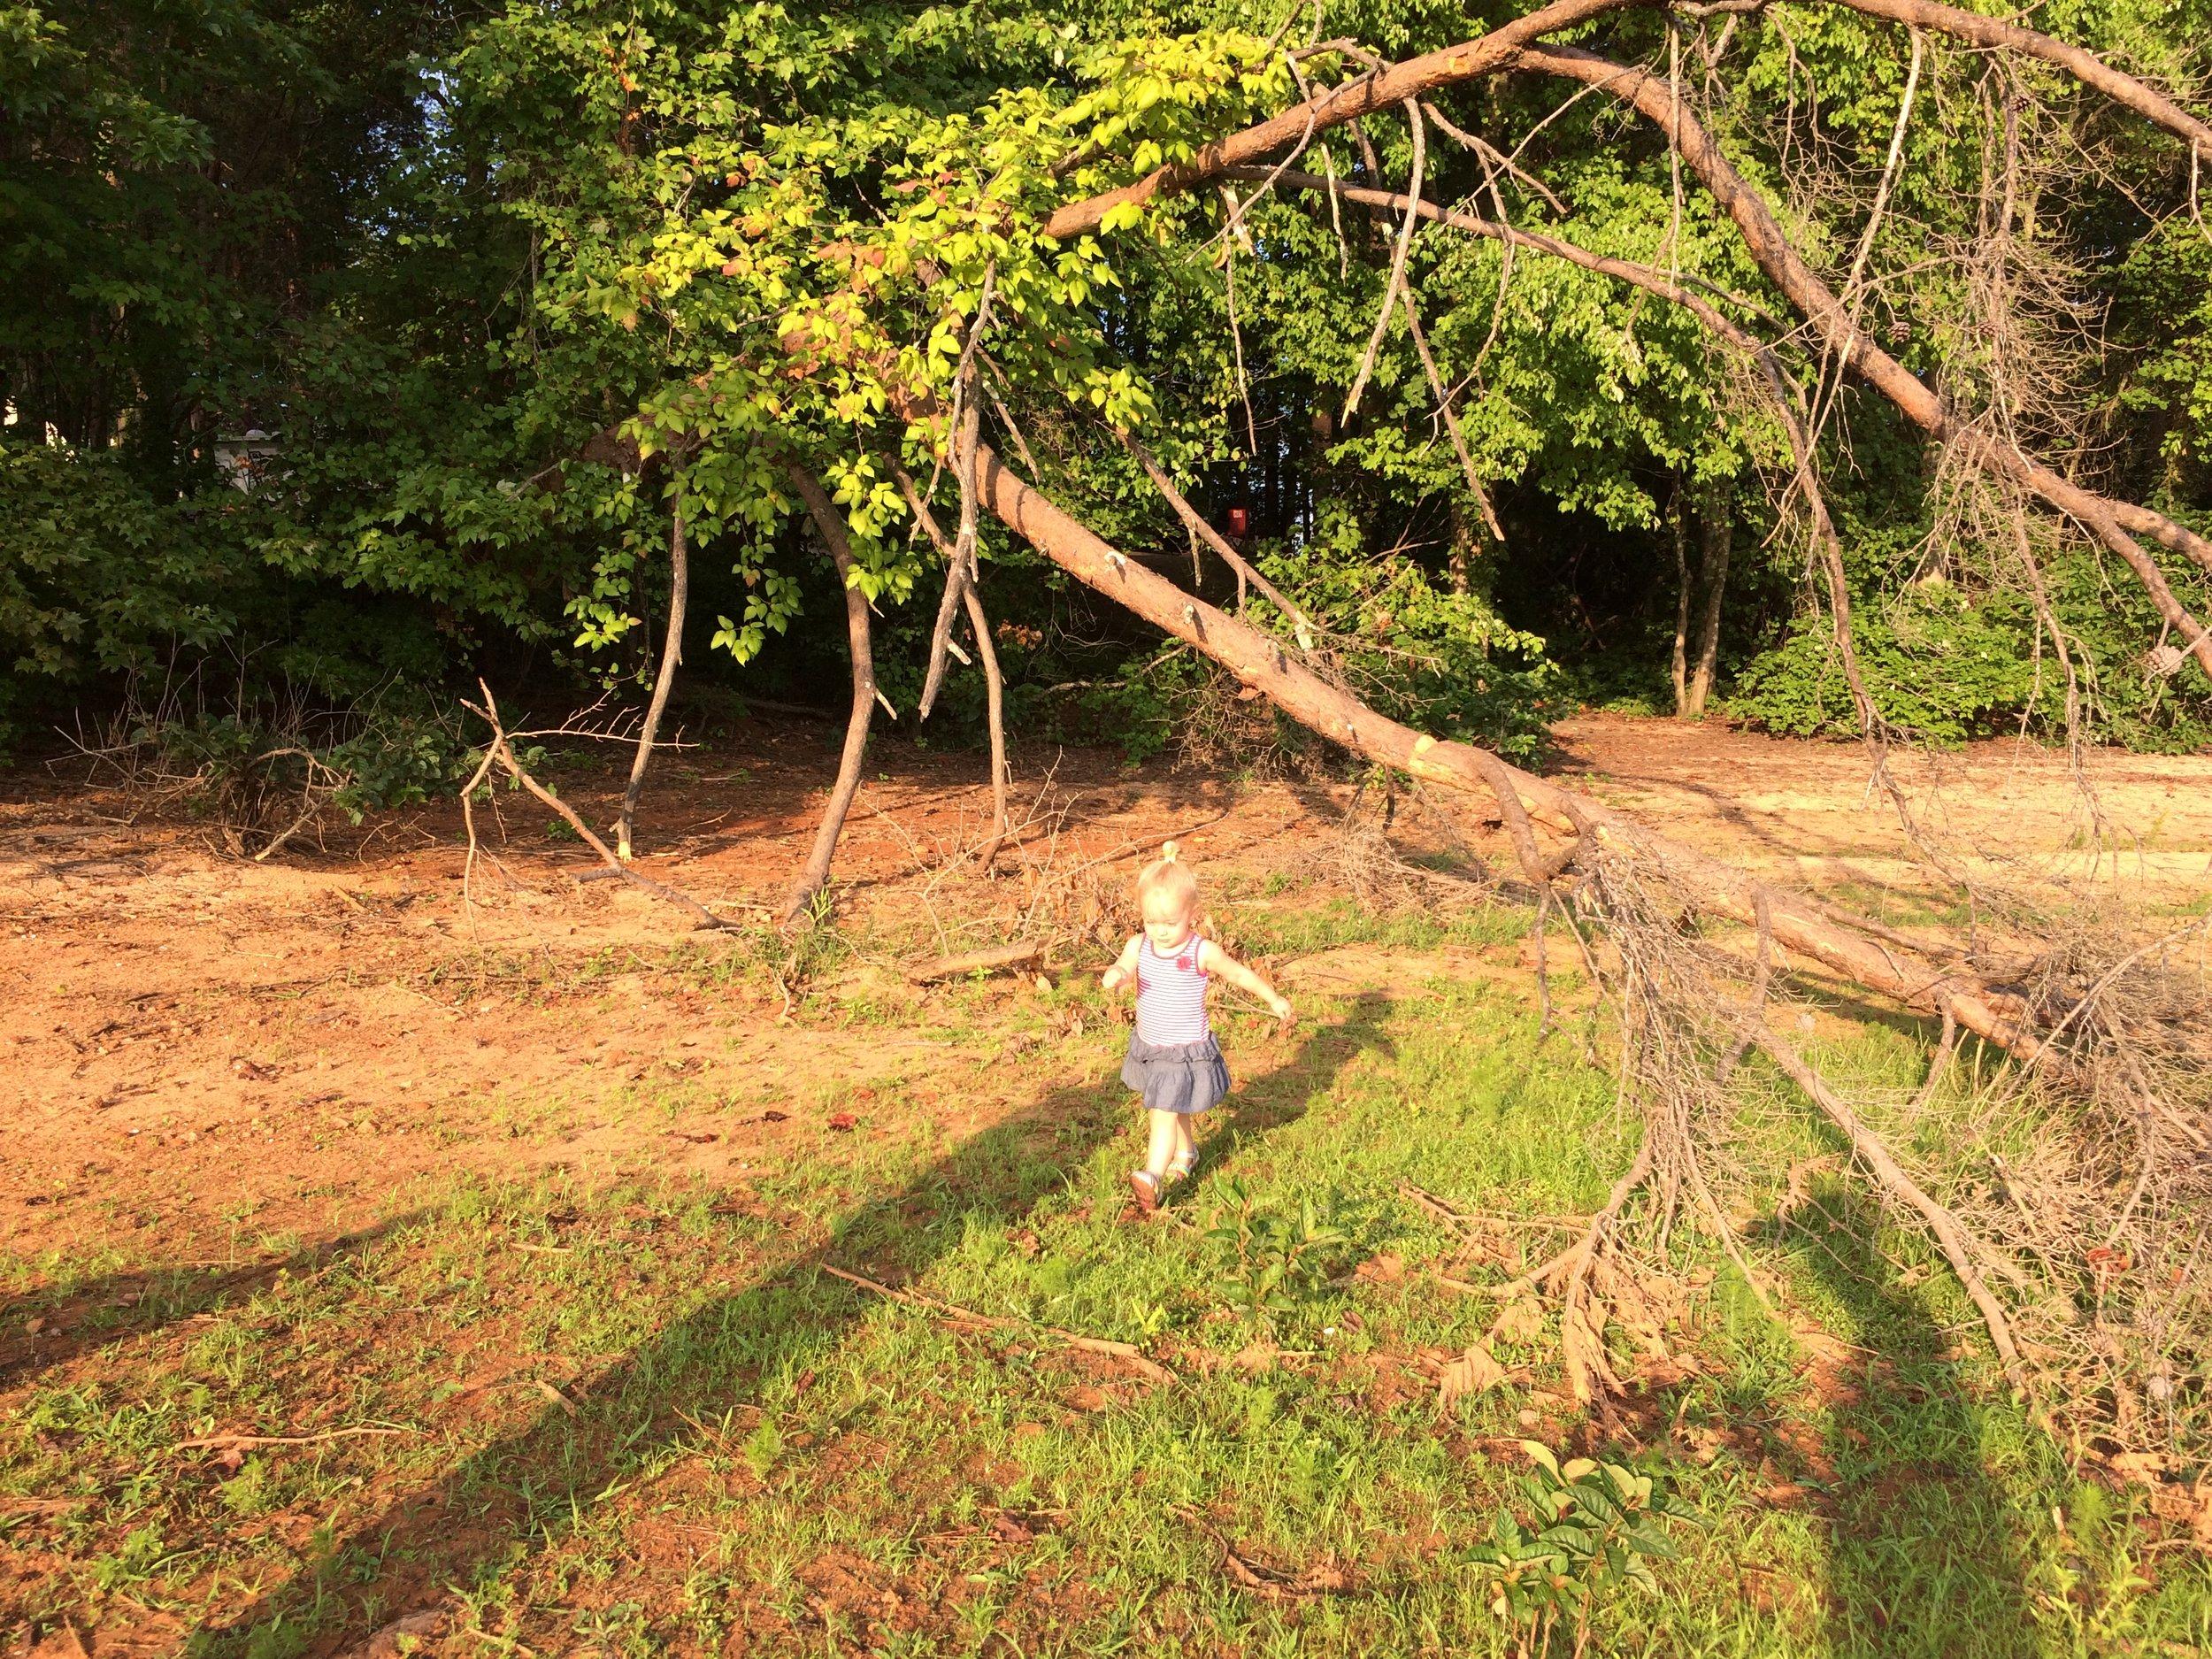 Peach 1 enjoying a morning stroll